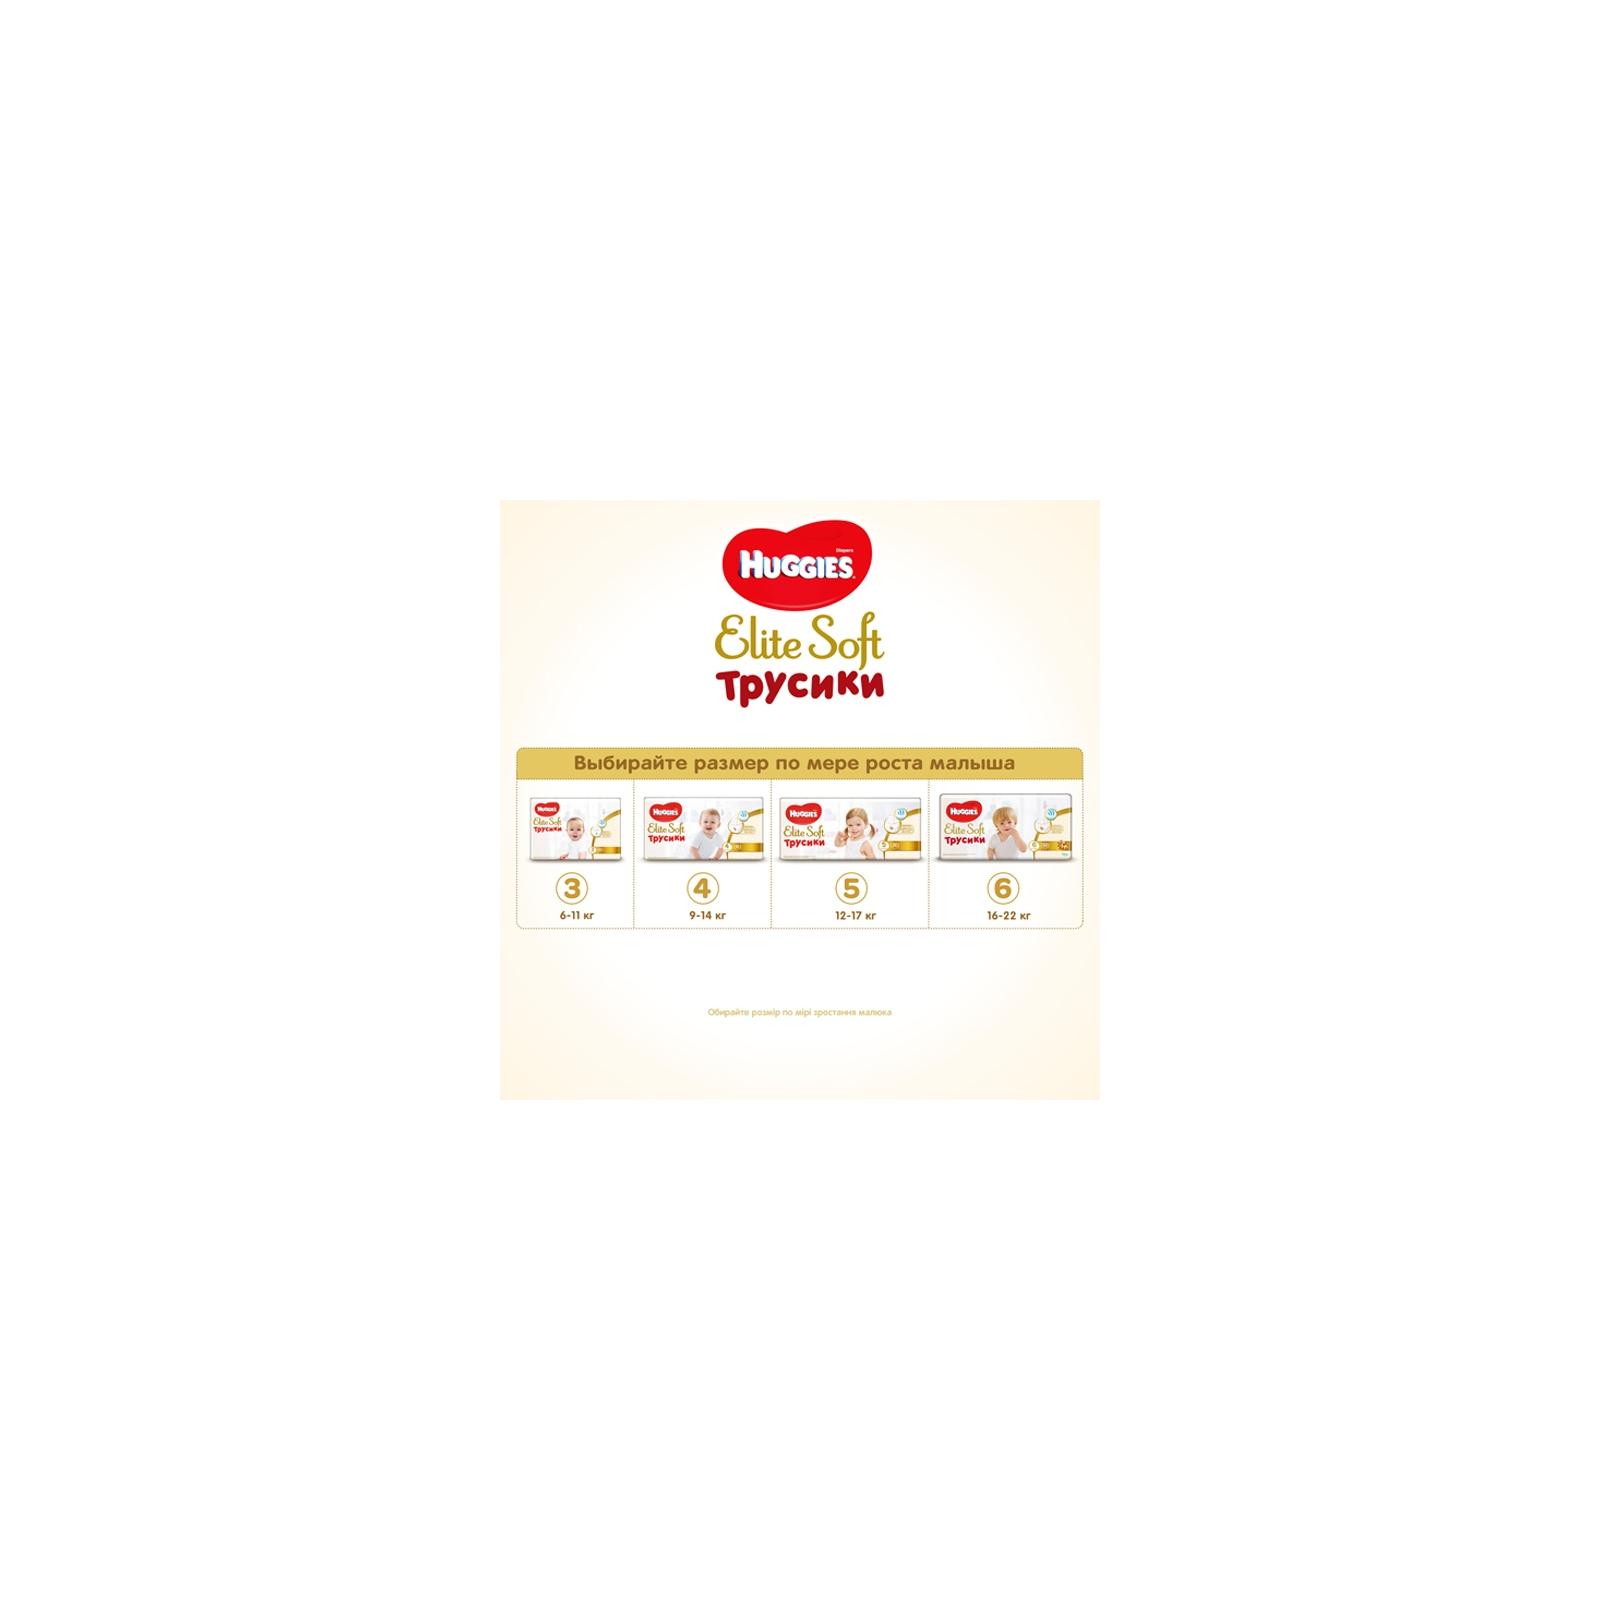 Подгузник Huggies Elite Soft Pants L размер 4 (9-14 кг) Mega 42 шт (5029053547008) изображение 8